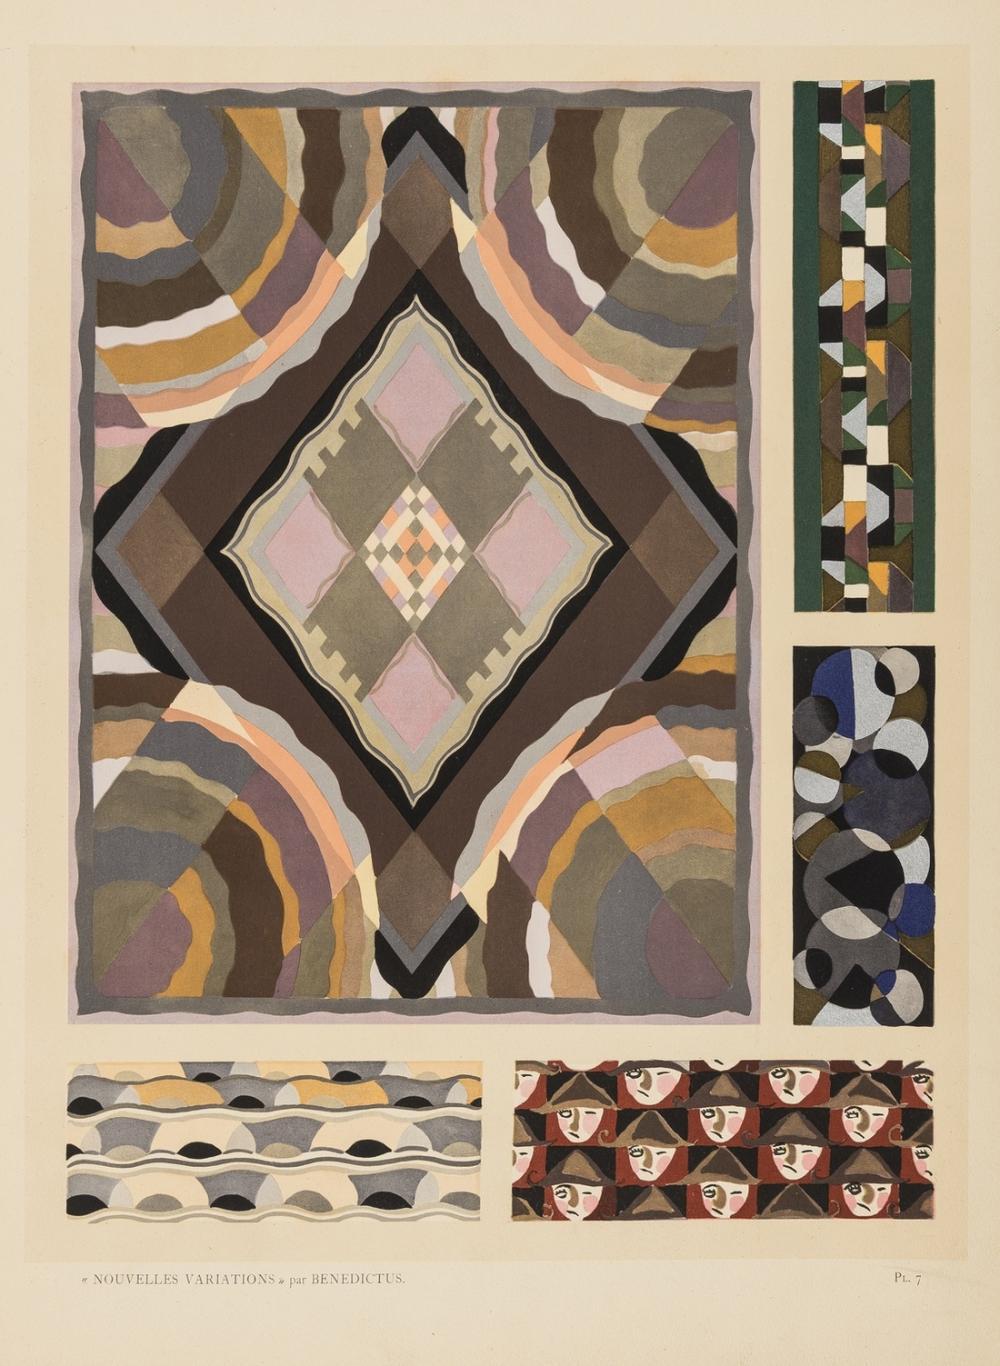 Benedictus (Edouard) Nouvelles Variations, 20 pochoir plates, Paris, 1929.